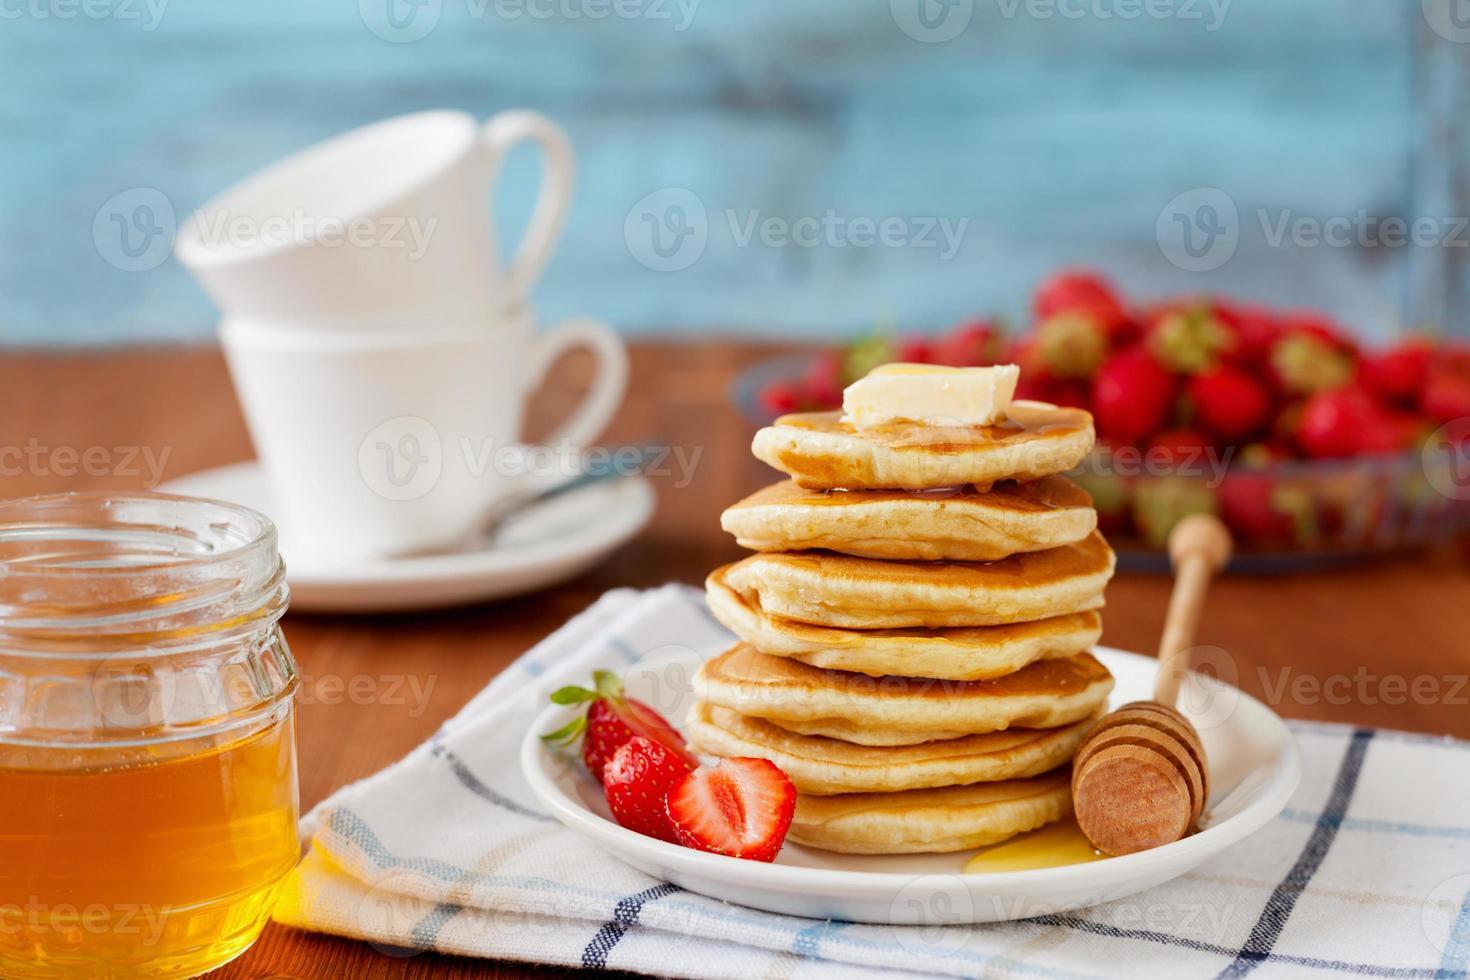 pannenkoeken met honingsiroop, boter en aardbei foto